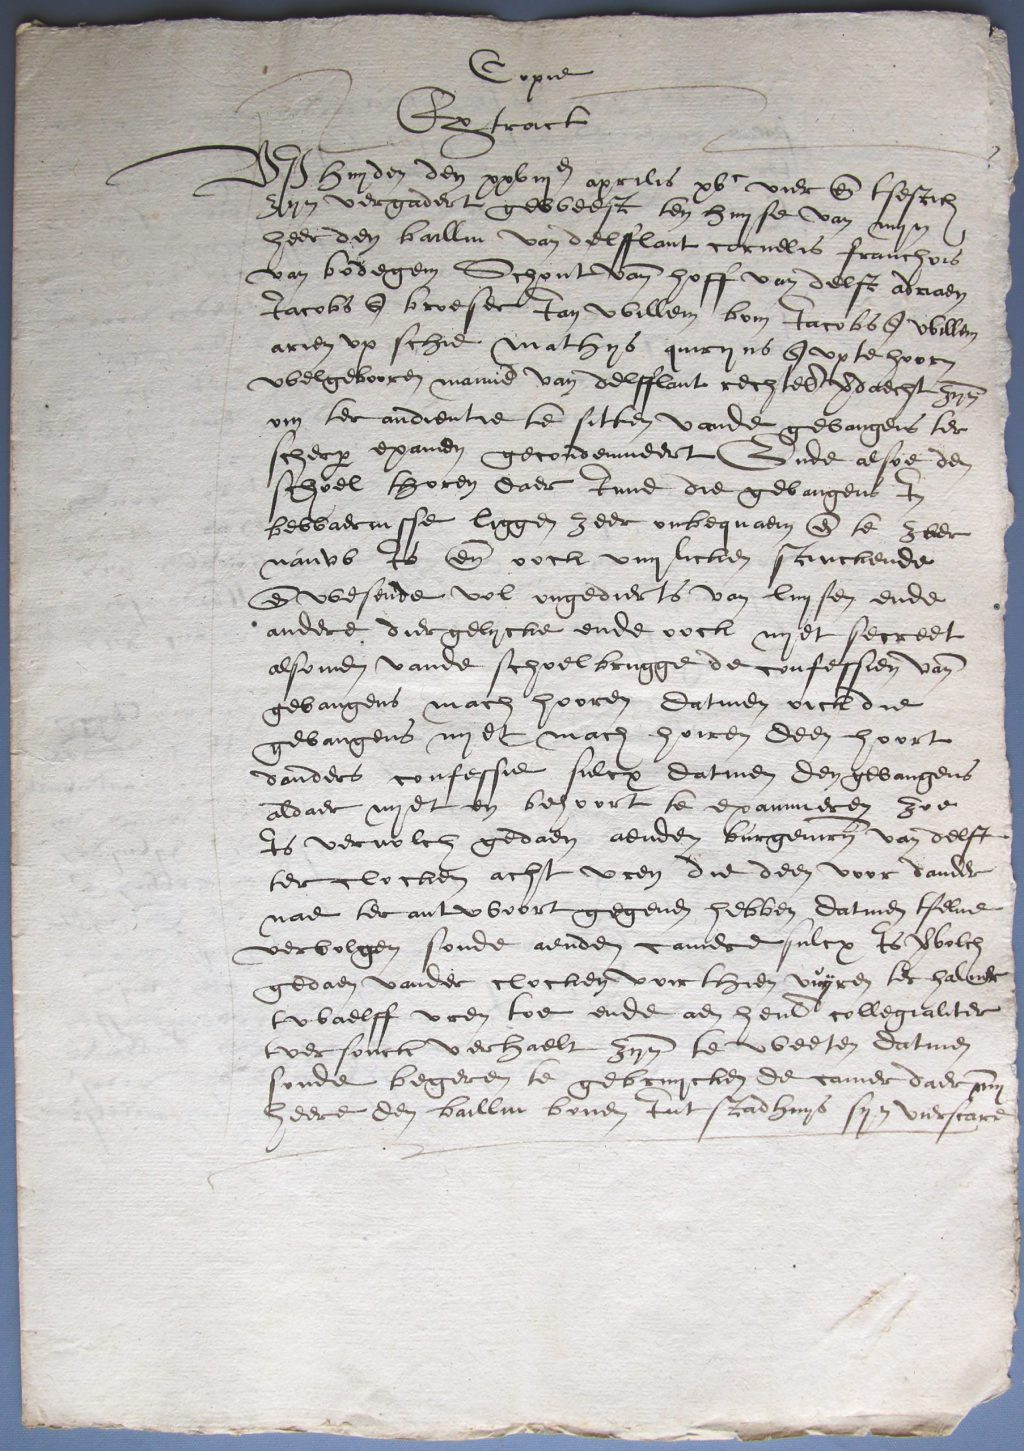 Pagina uit het dossier over de ongeschiktheid van de gevangenis in de Schoolpoort (Archief 1, inv.nr 842)